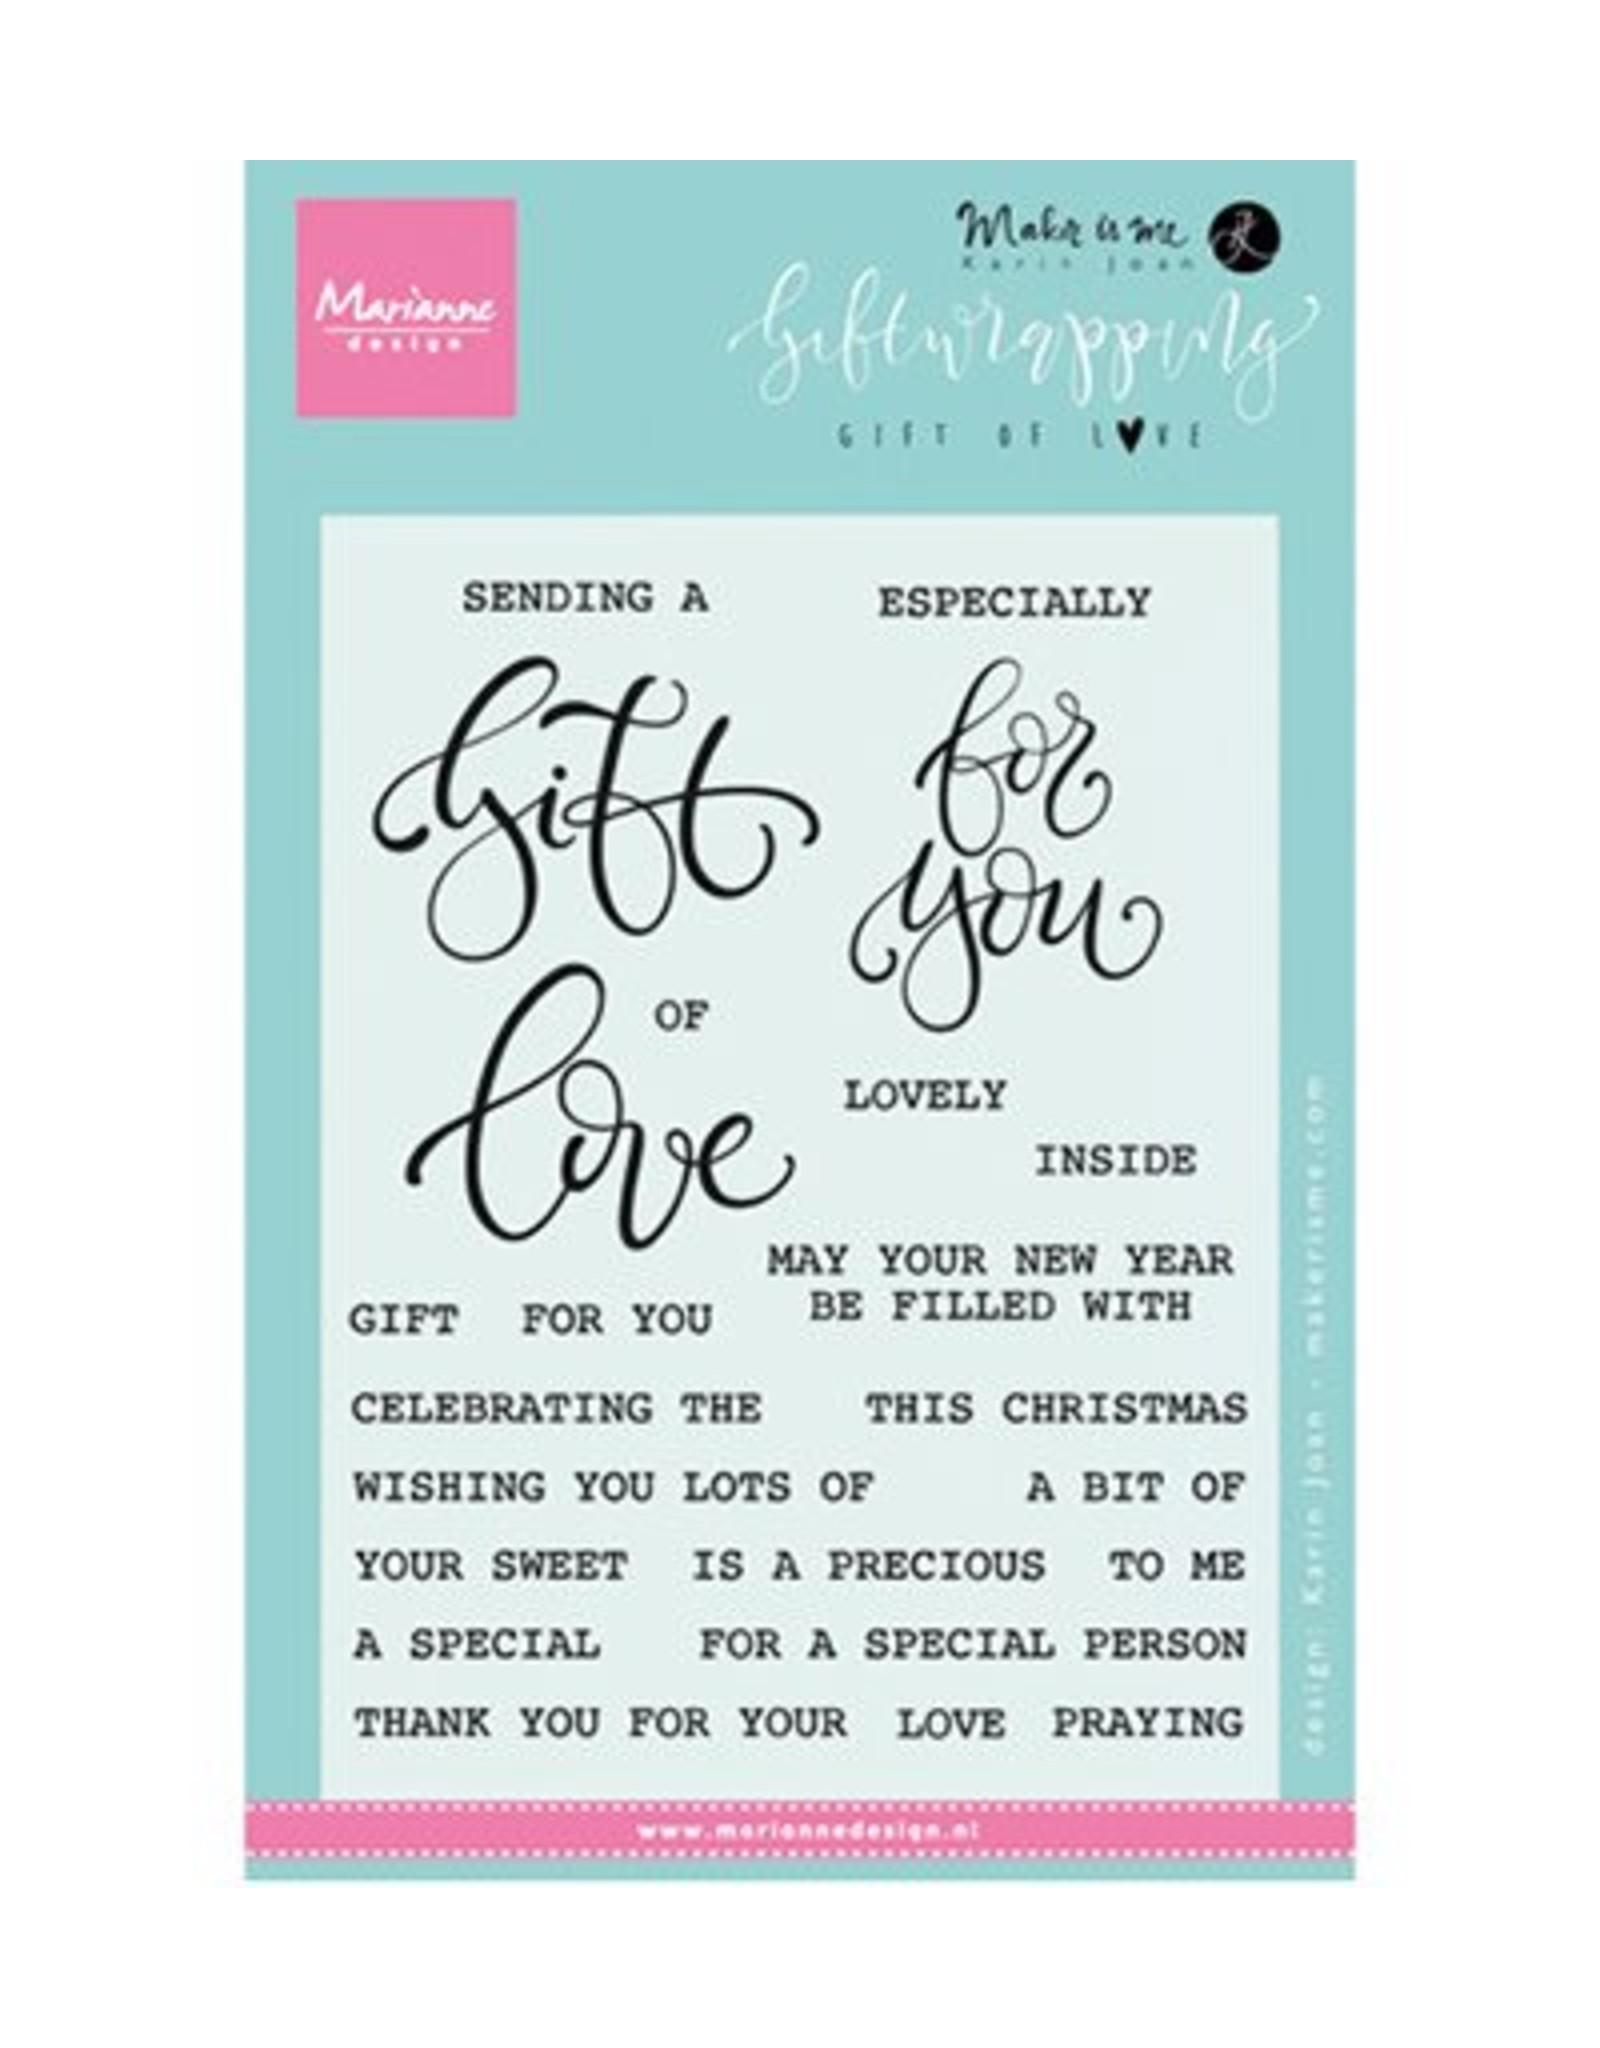 Marianne Design Marianne D Stempel Giftwrapping Gift of love KJ1718